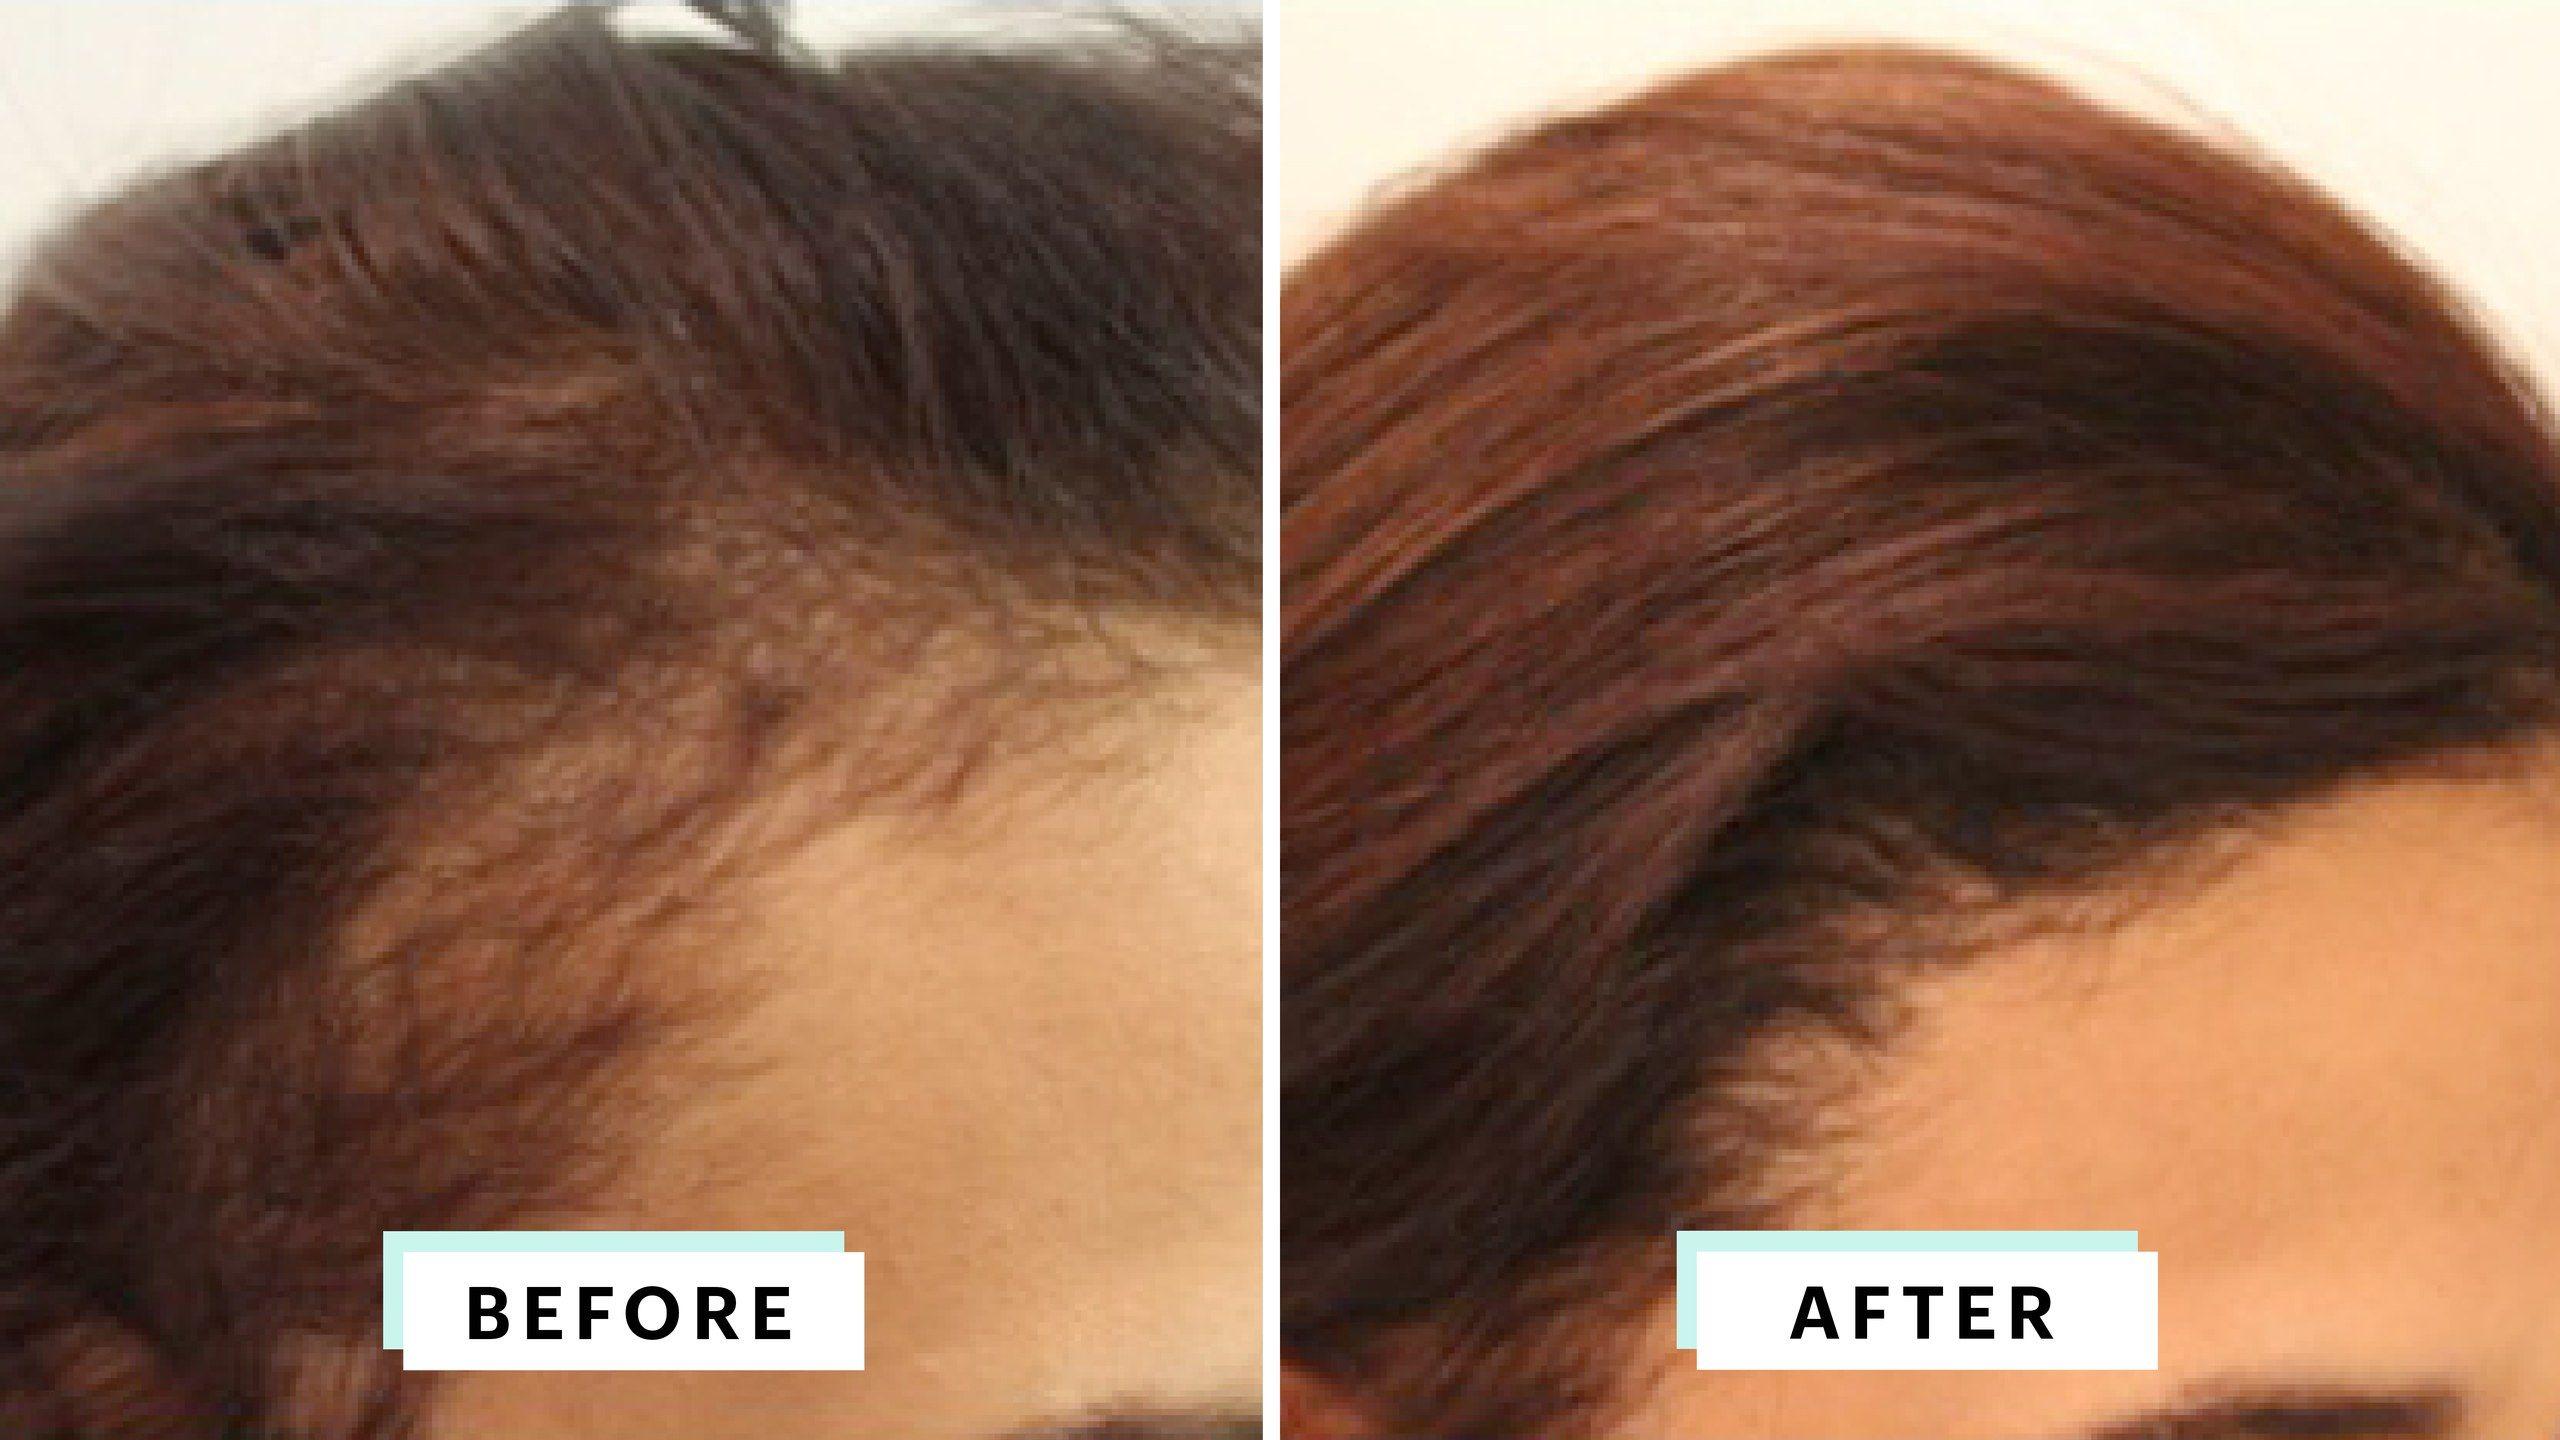 Surgical Hair Restoration Hair Transplant Women Hair Transplant Surgery Hair Loss Remedies